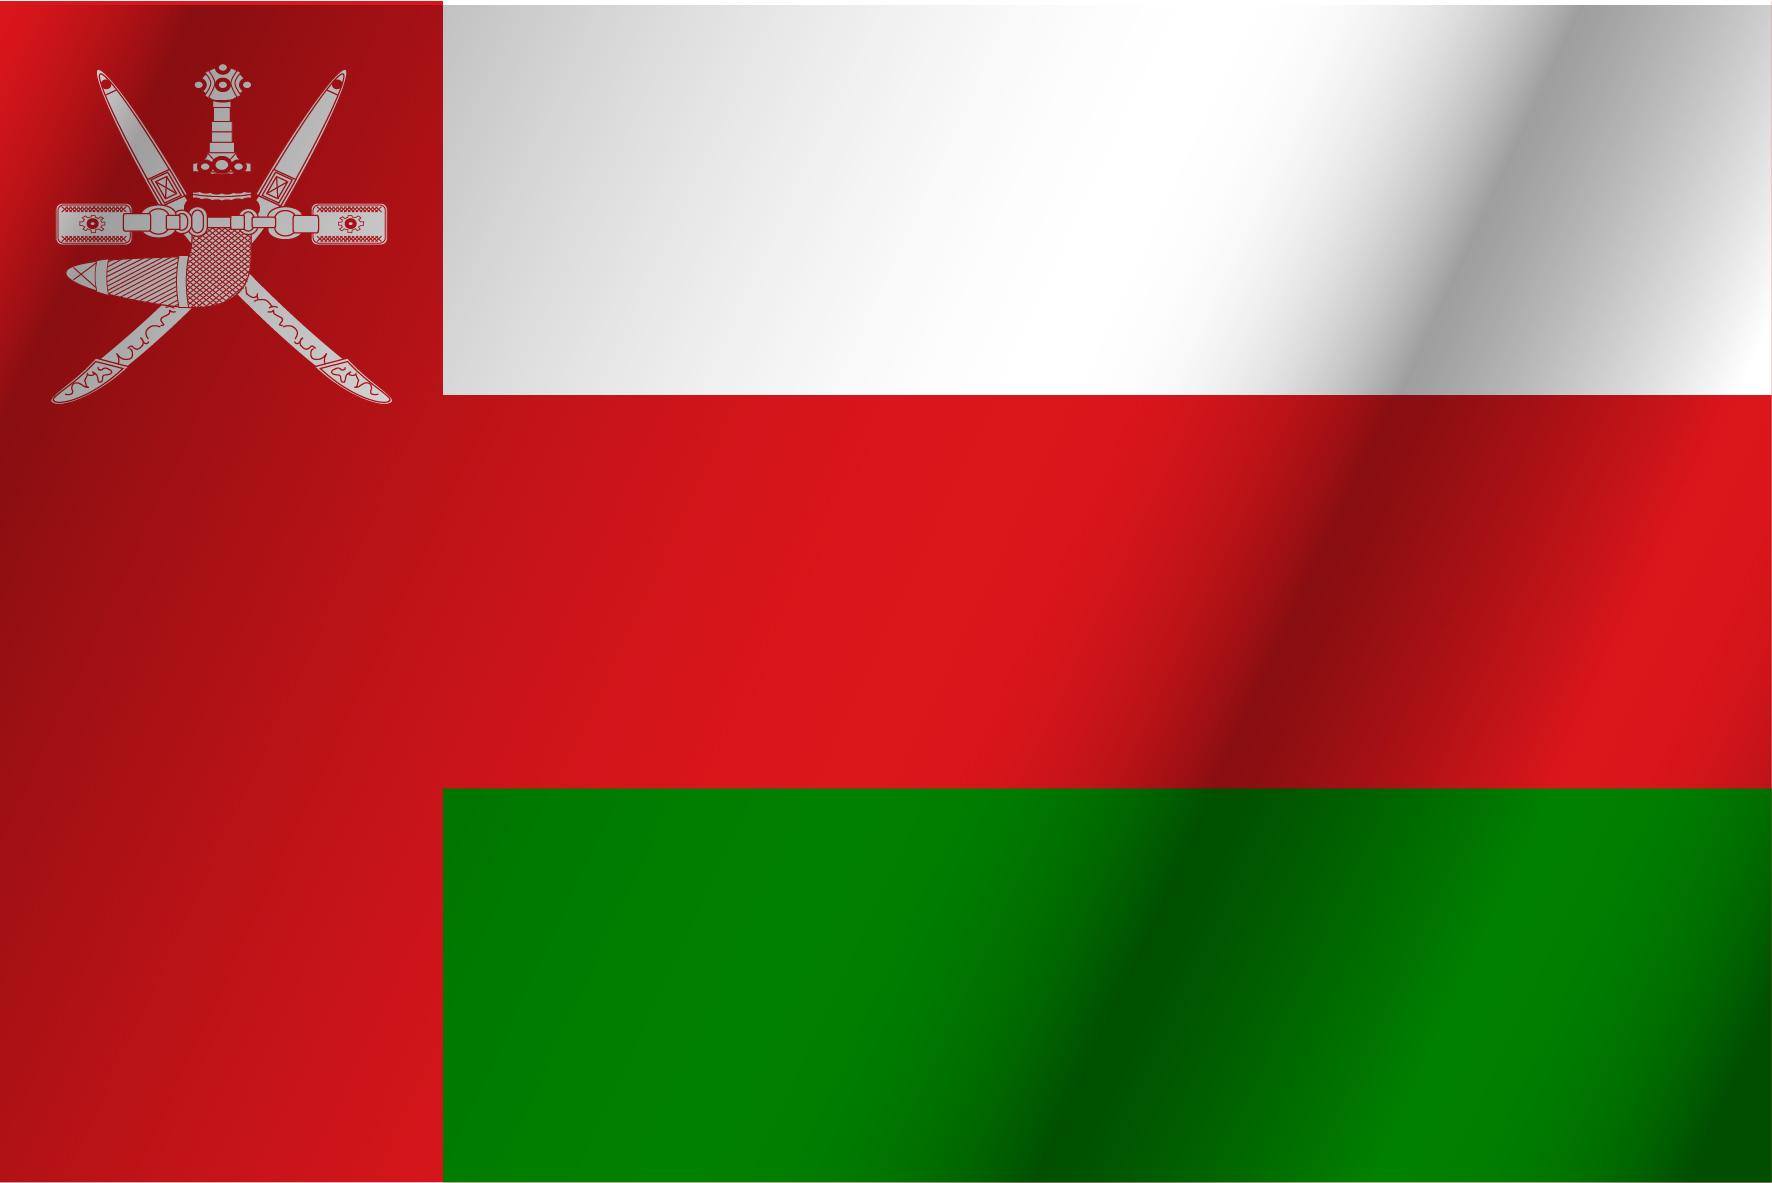 Su verde paises en bandera con color